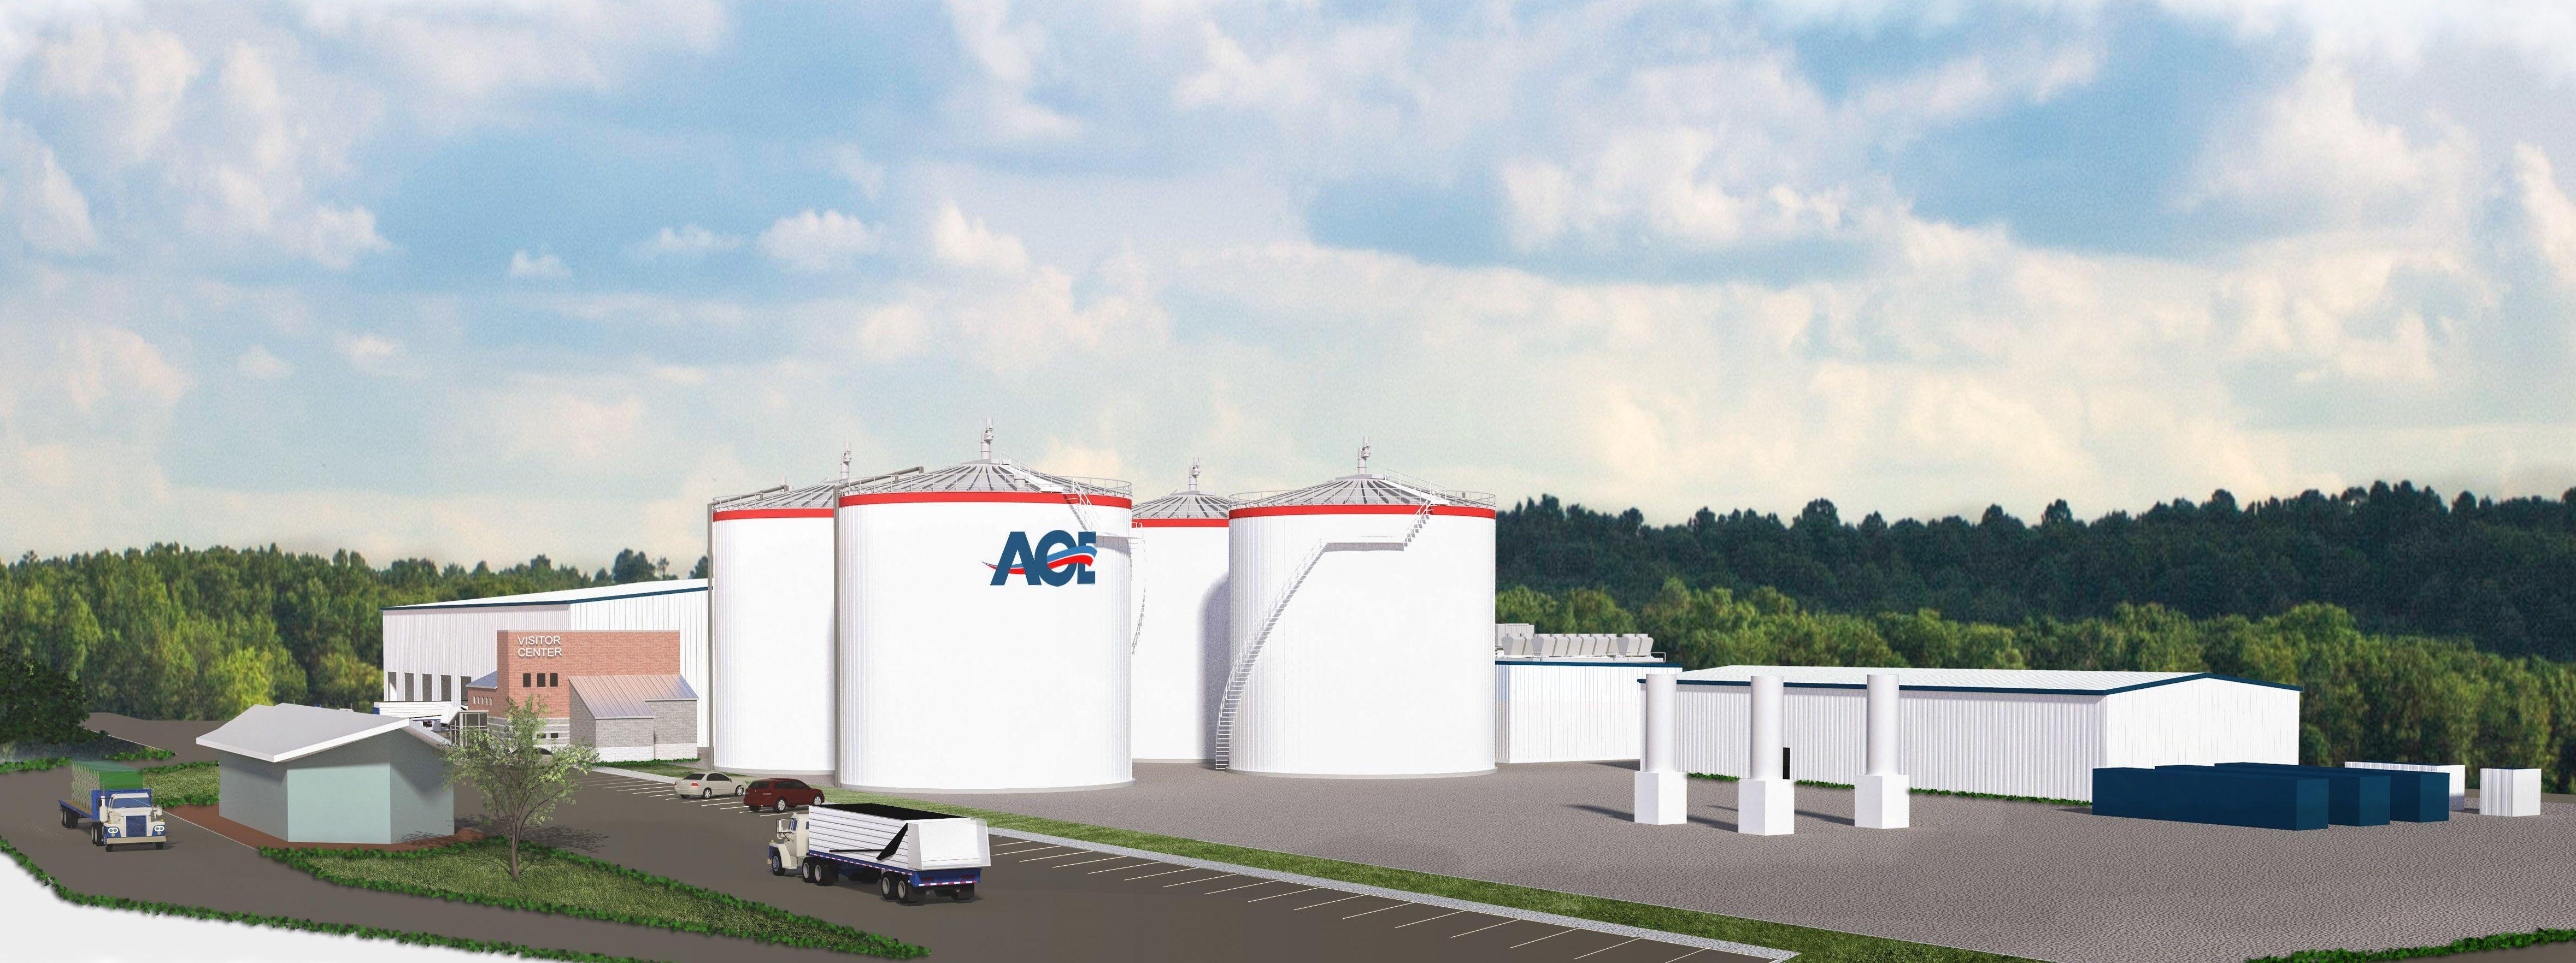 American Organic Energy Plant Rendering